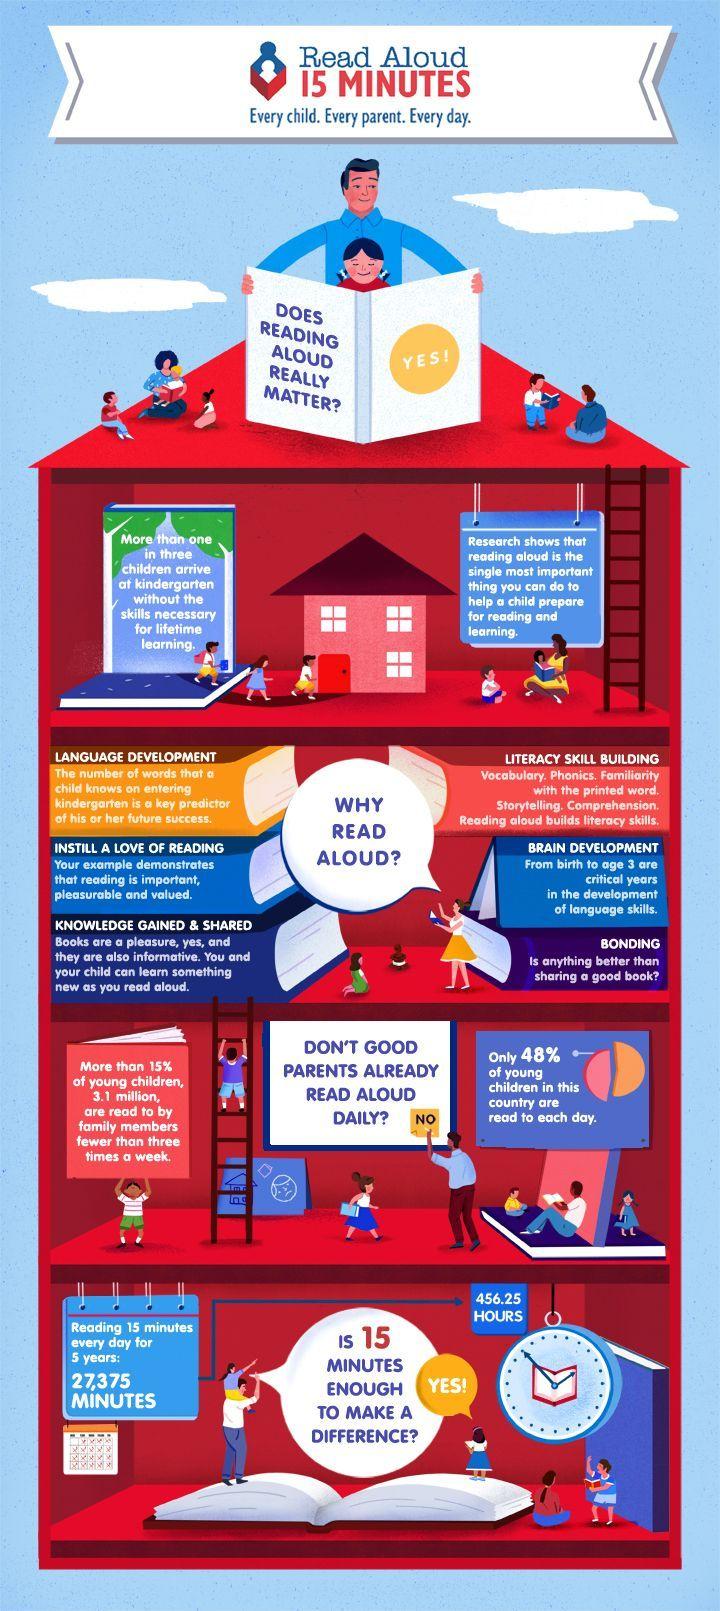 Πόσο σημαντικό είναι να διαβάζουμε δυνατά στα παιδιά μας;